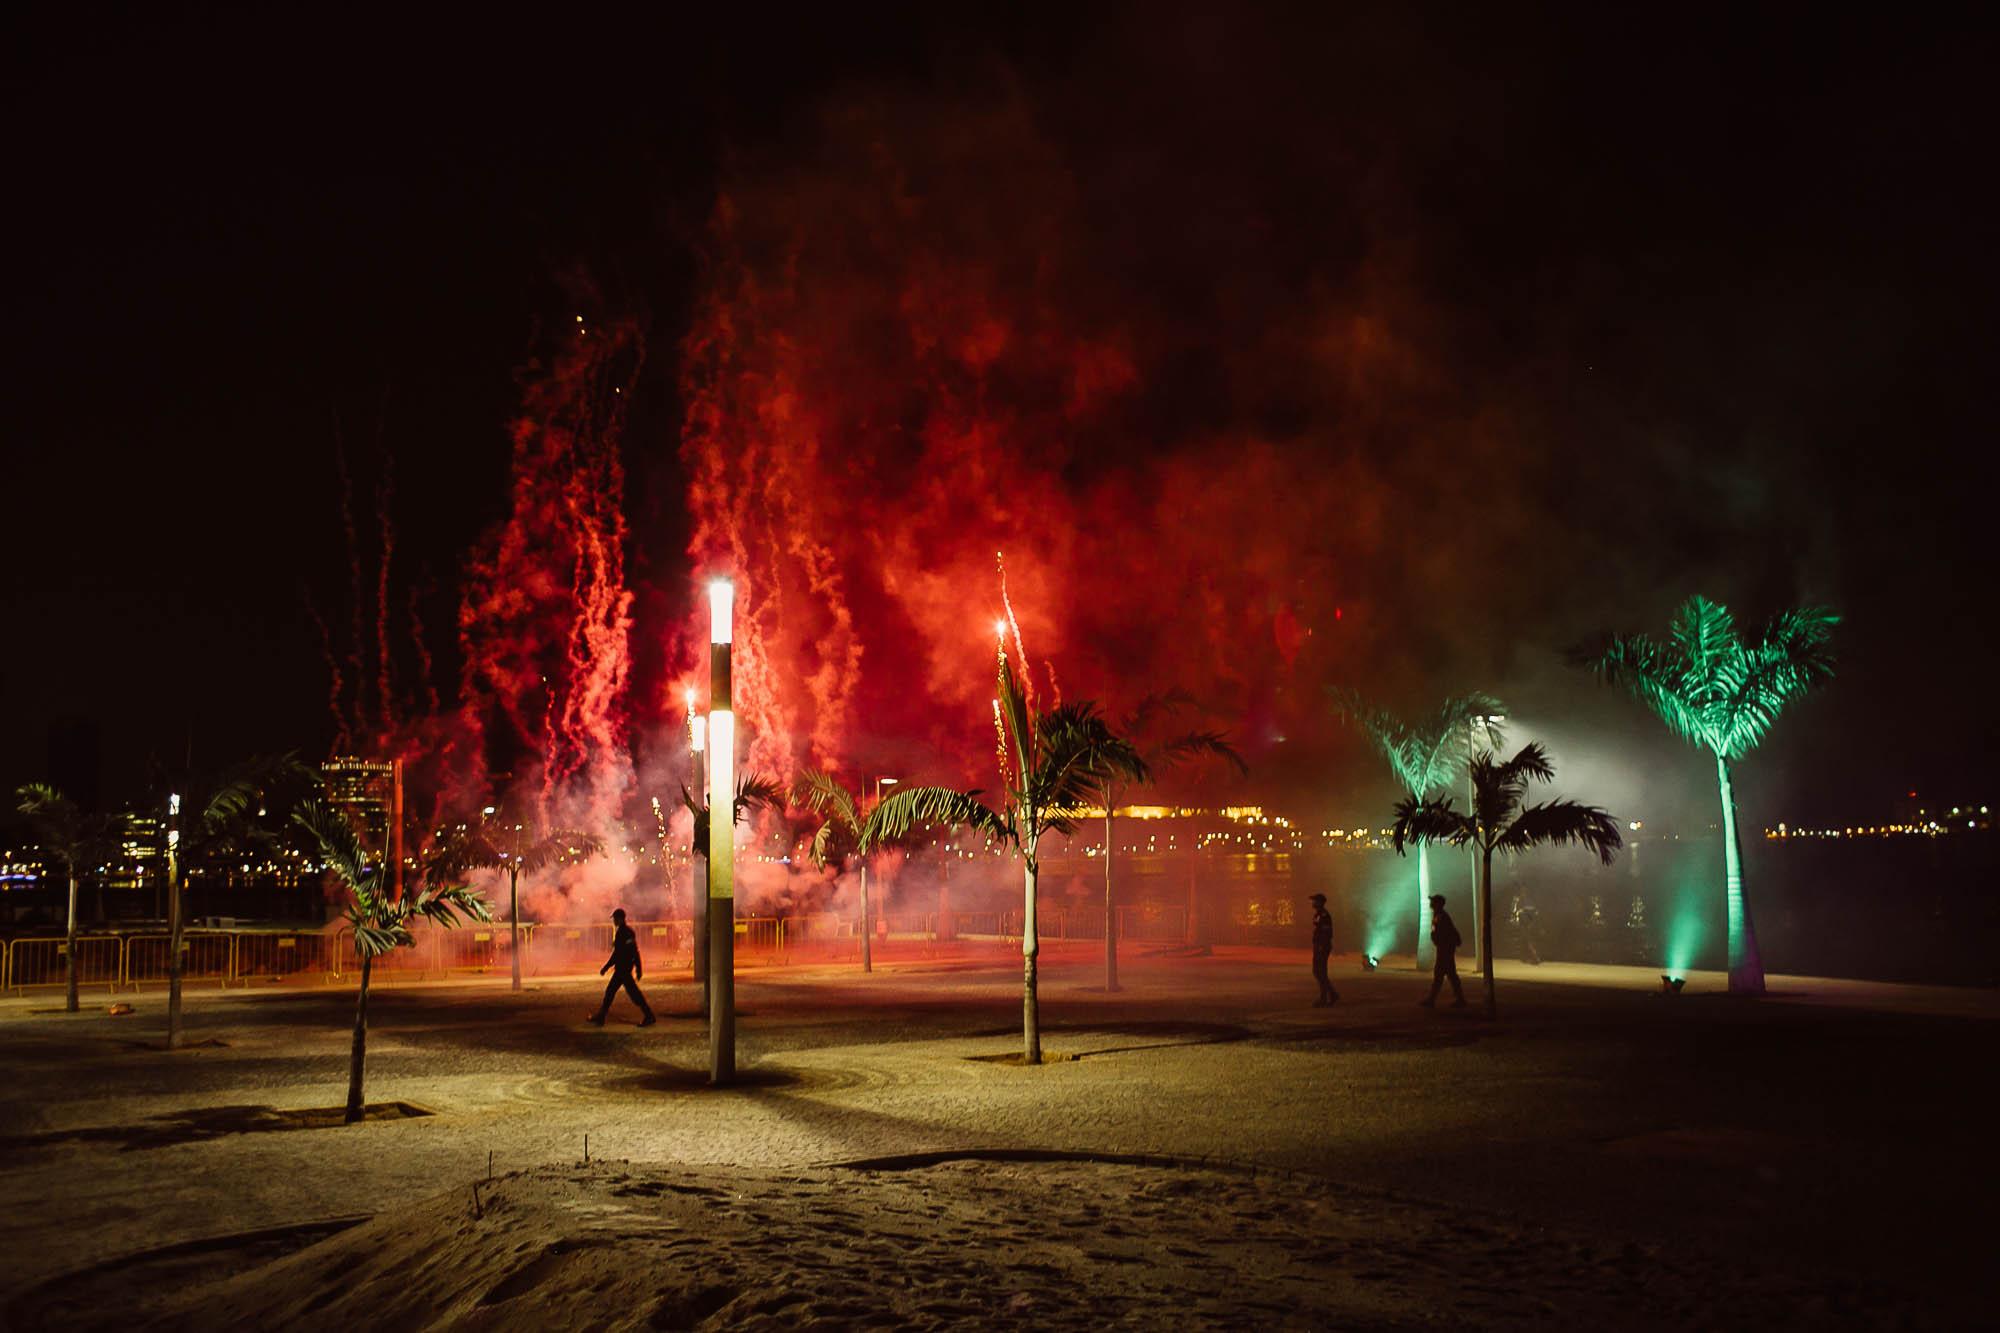 Preparativos de fuegos artificiales en la noche de boda